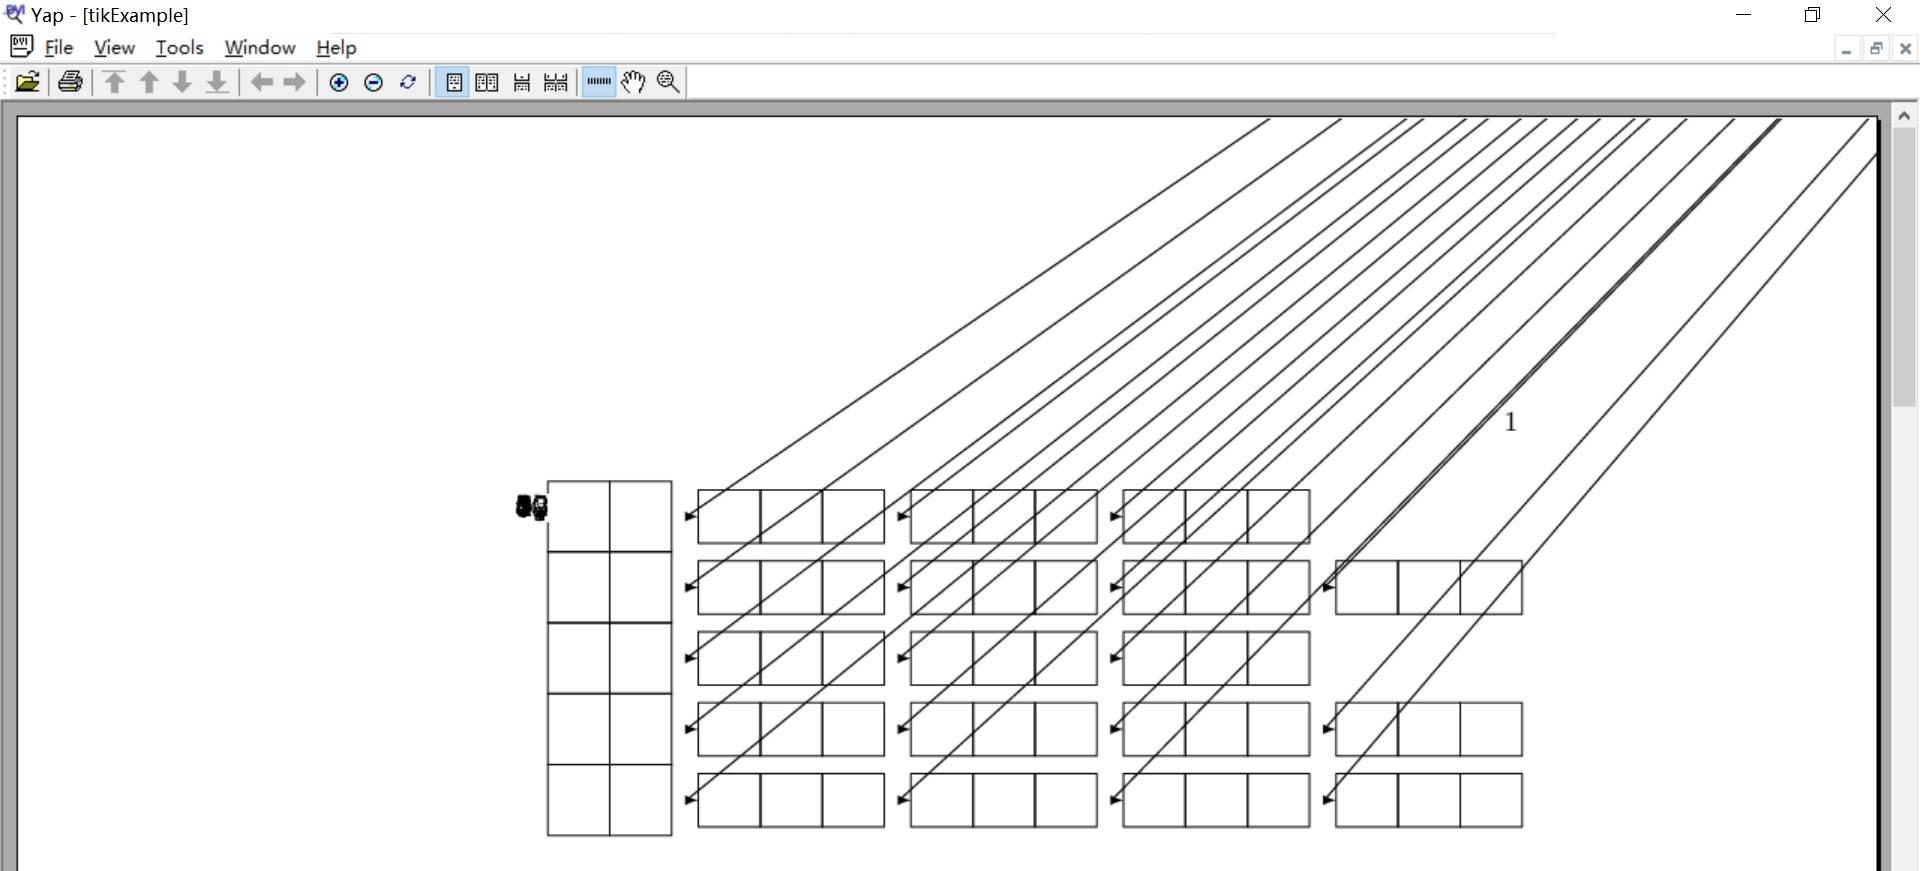 tikz画图错误,线条从右上角画入